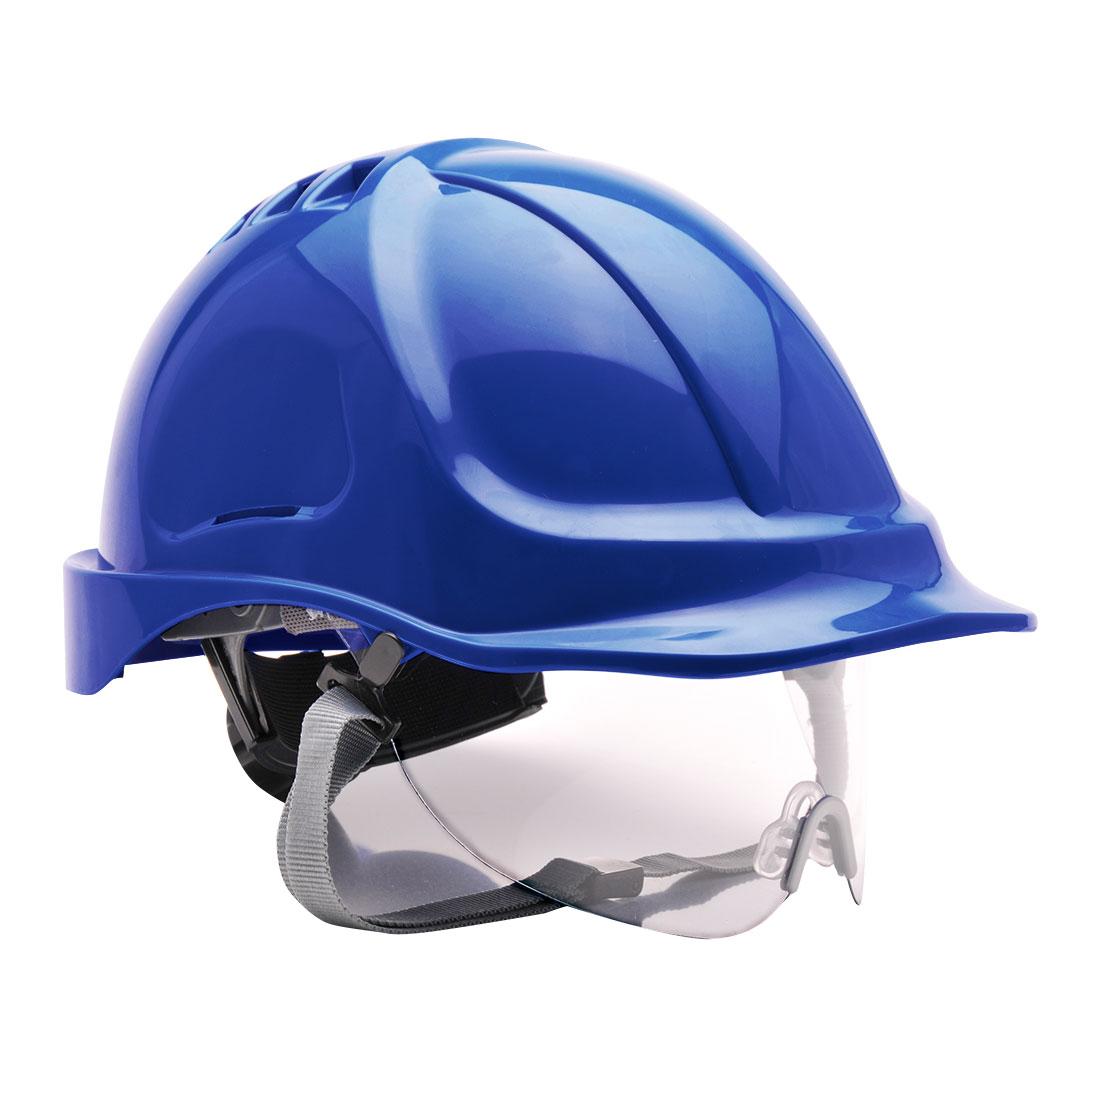 Endurance Spec Visor Helmet Royal Blue